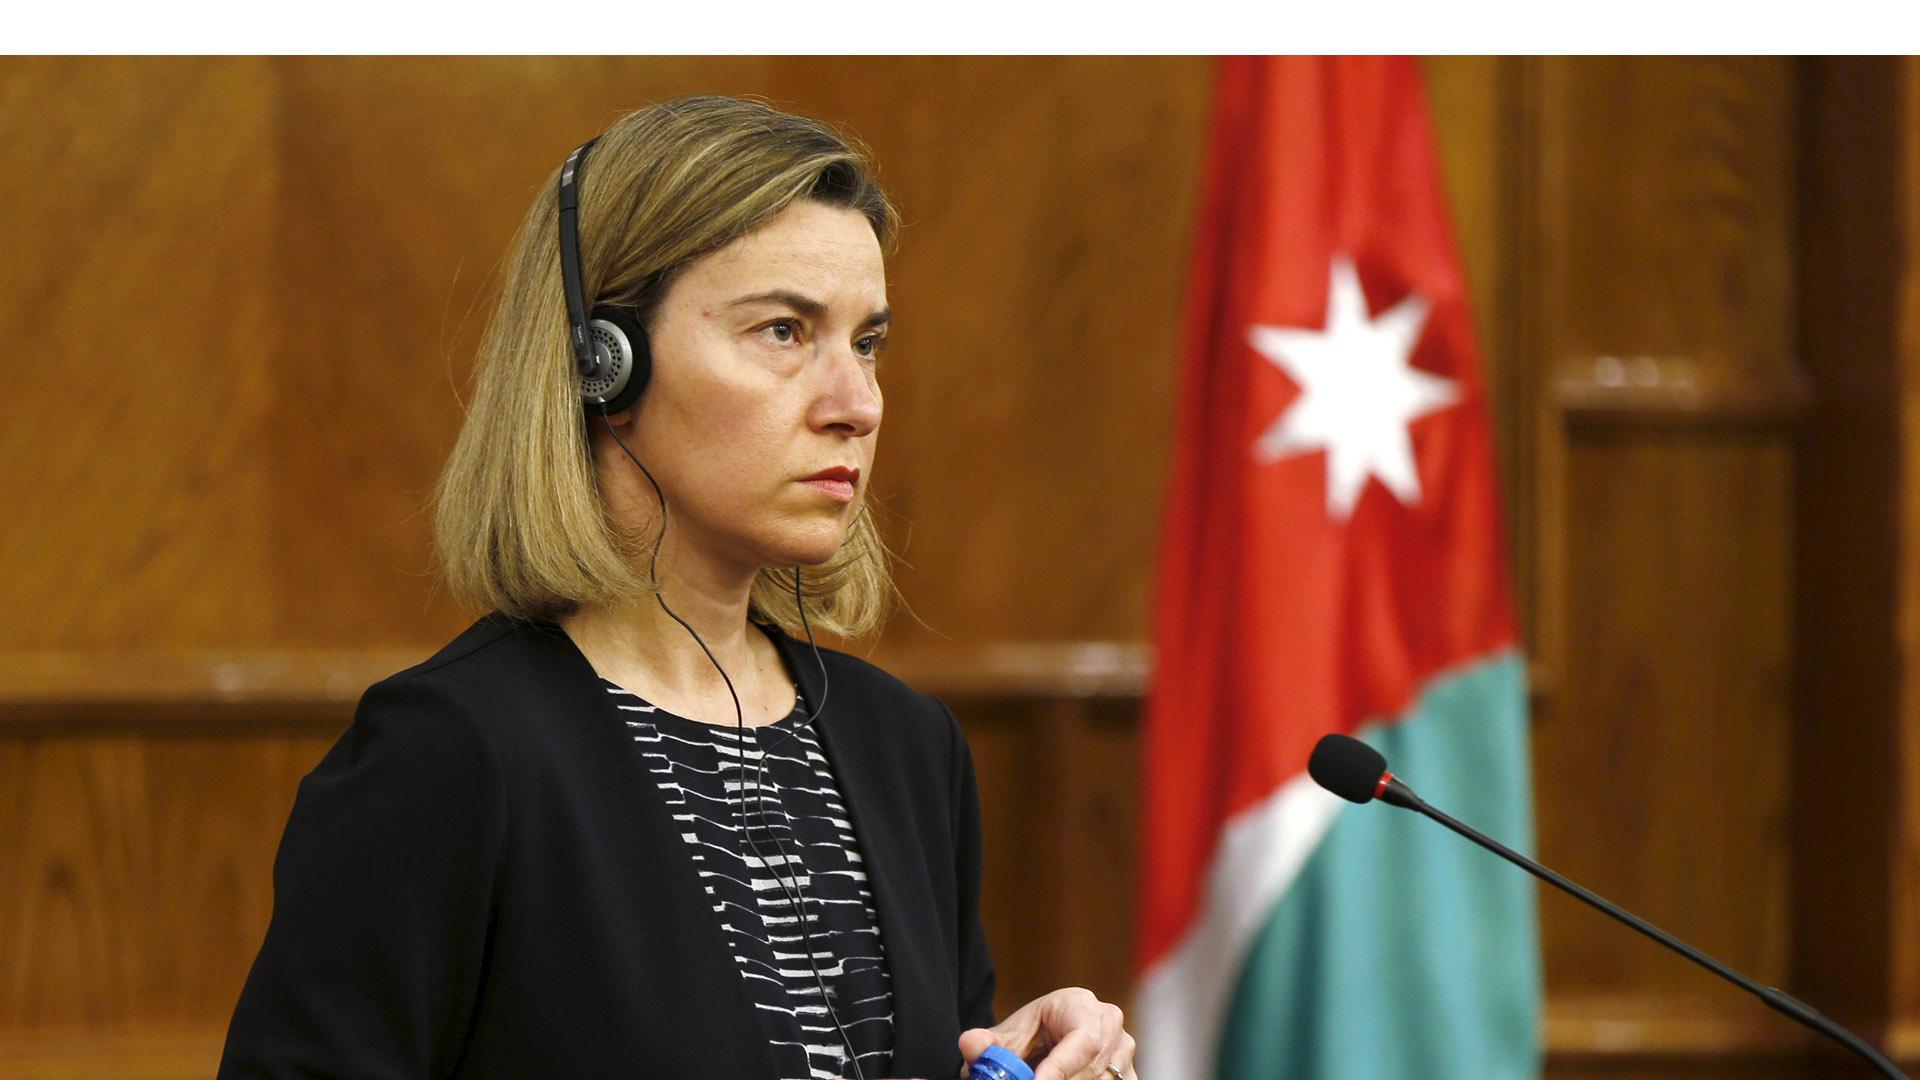 La representante de Política Exterior y de Seguridad de la UE, Federica Mogherini aseguró que mediante el dialogo se logrará una solución pacífica y duradera